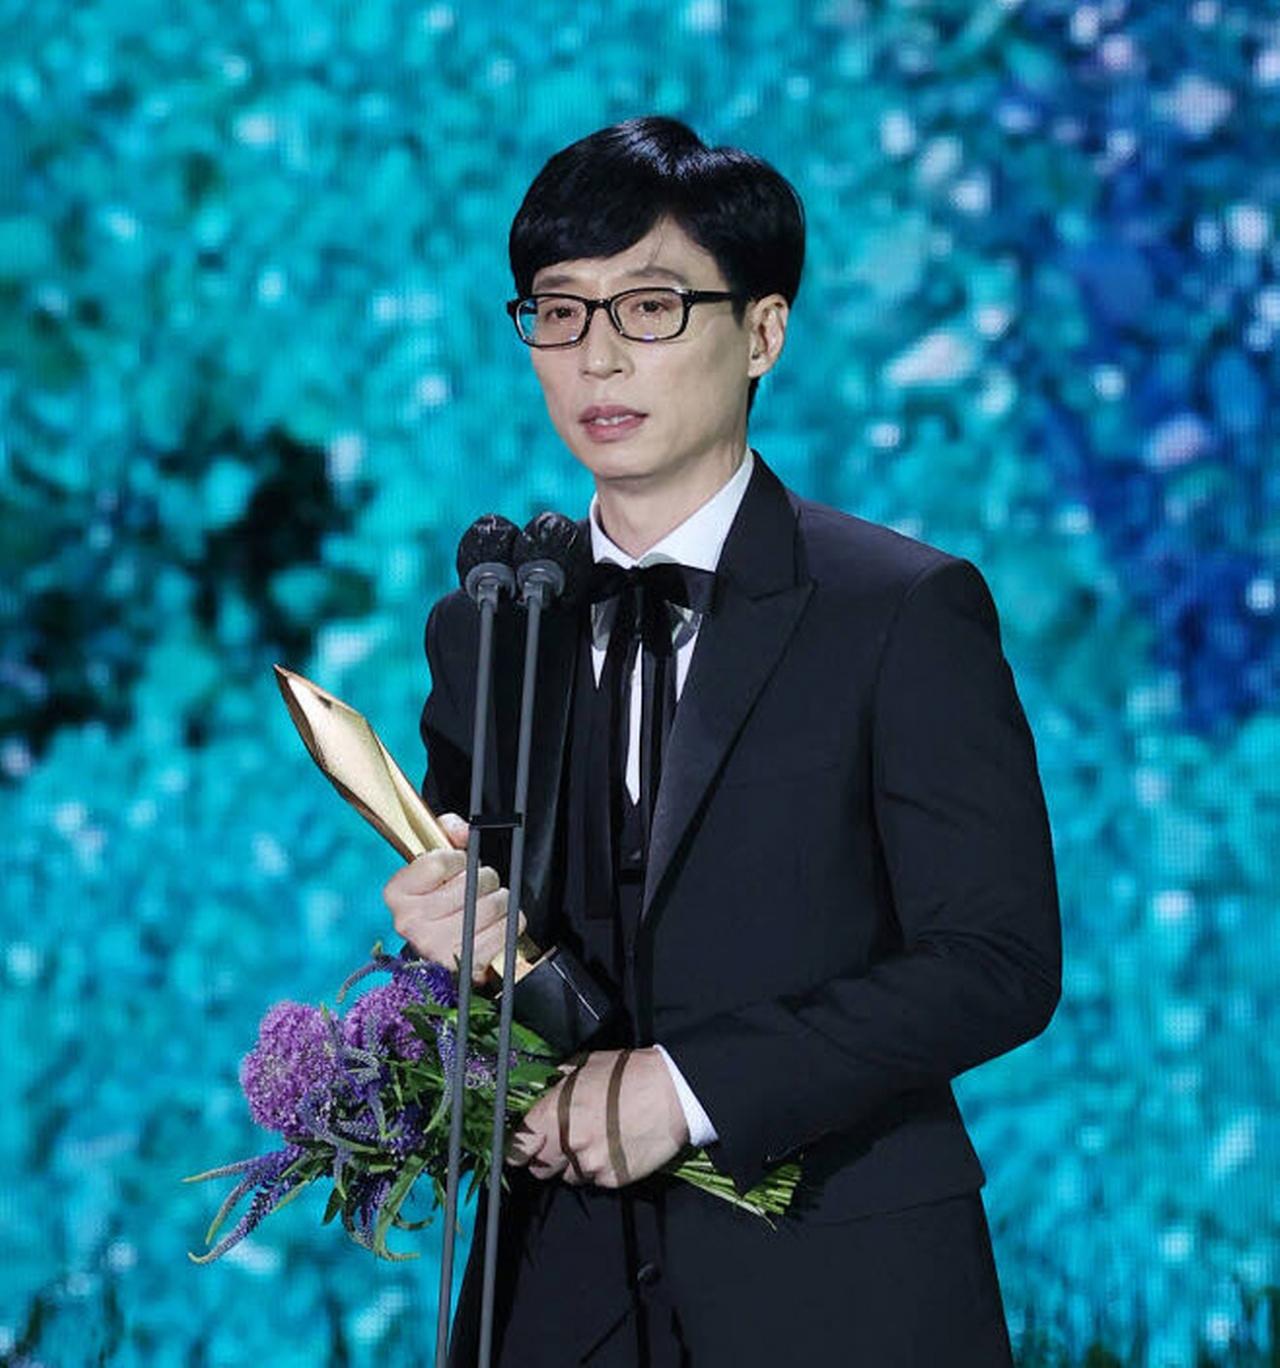 유재석, '제57회 백상예술대상' TV부문 대상 수상 - 공공투데이